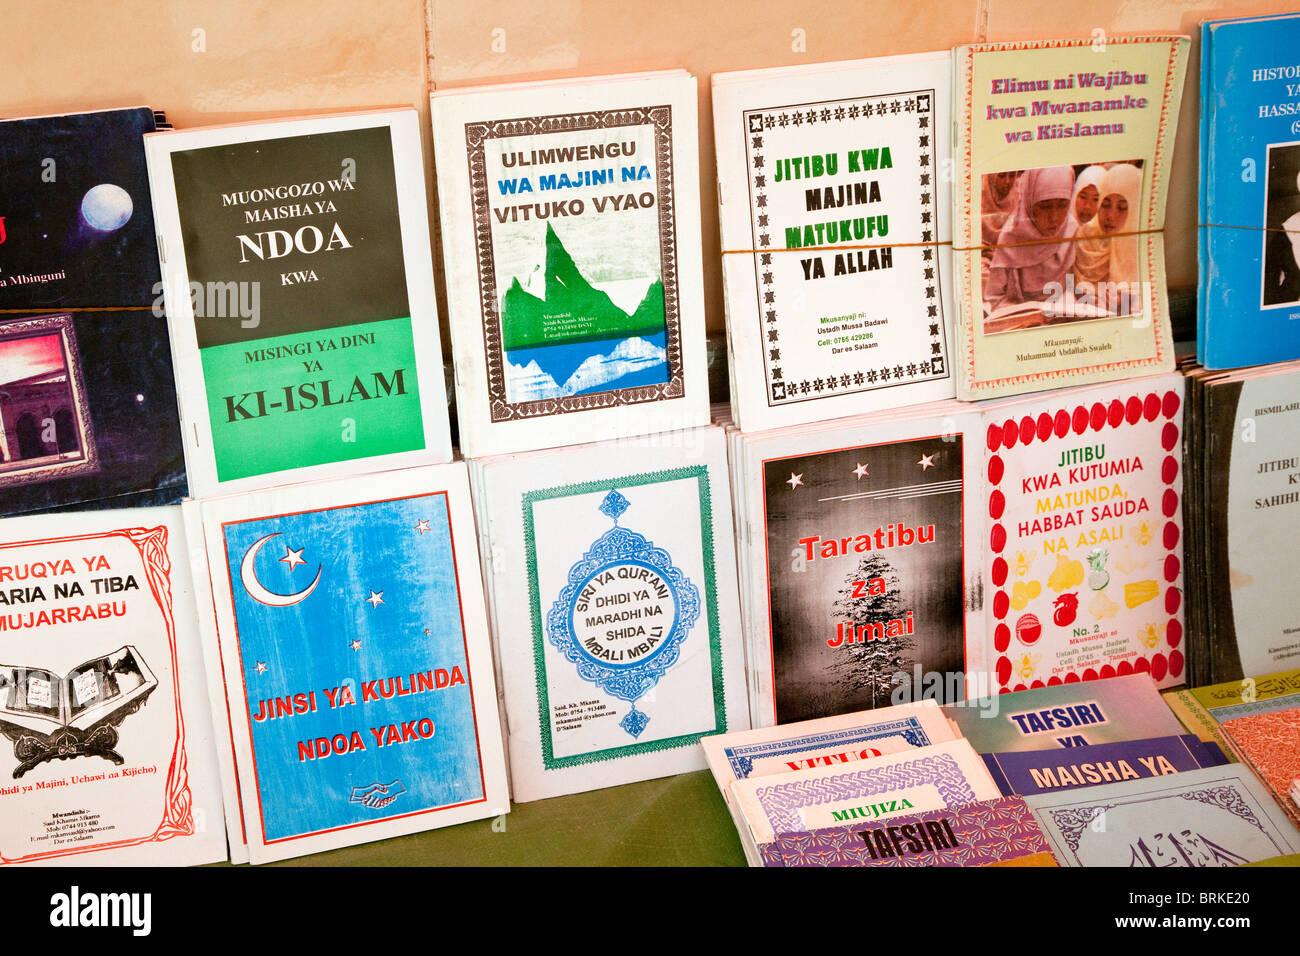 Tanzania Book Stock Photos & Tanzania Book Stock Images - Alamy